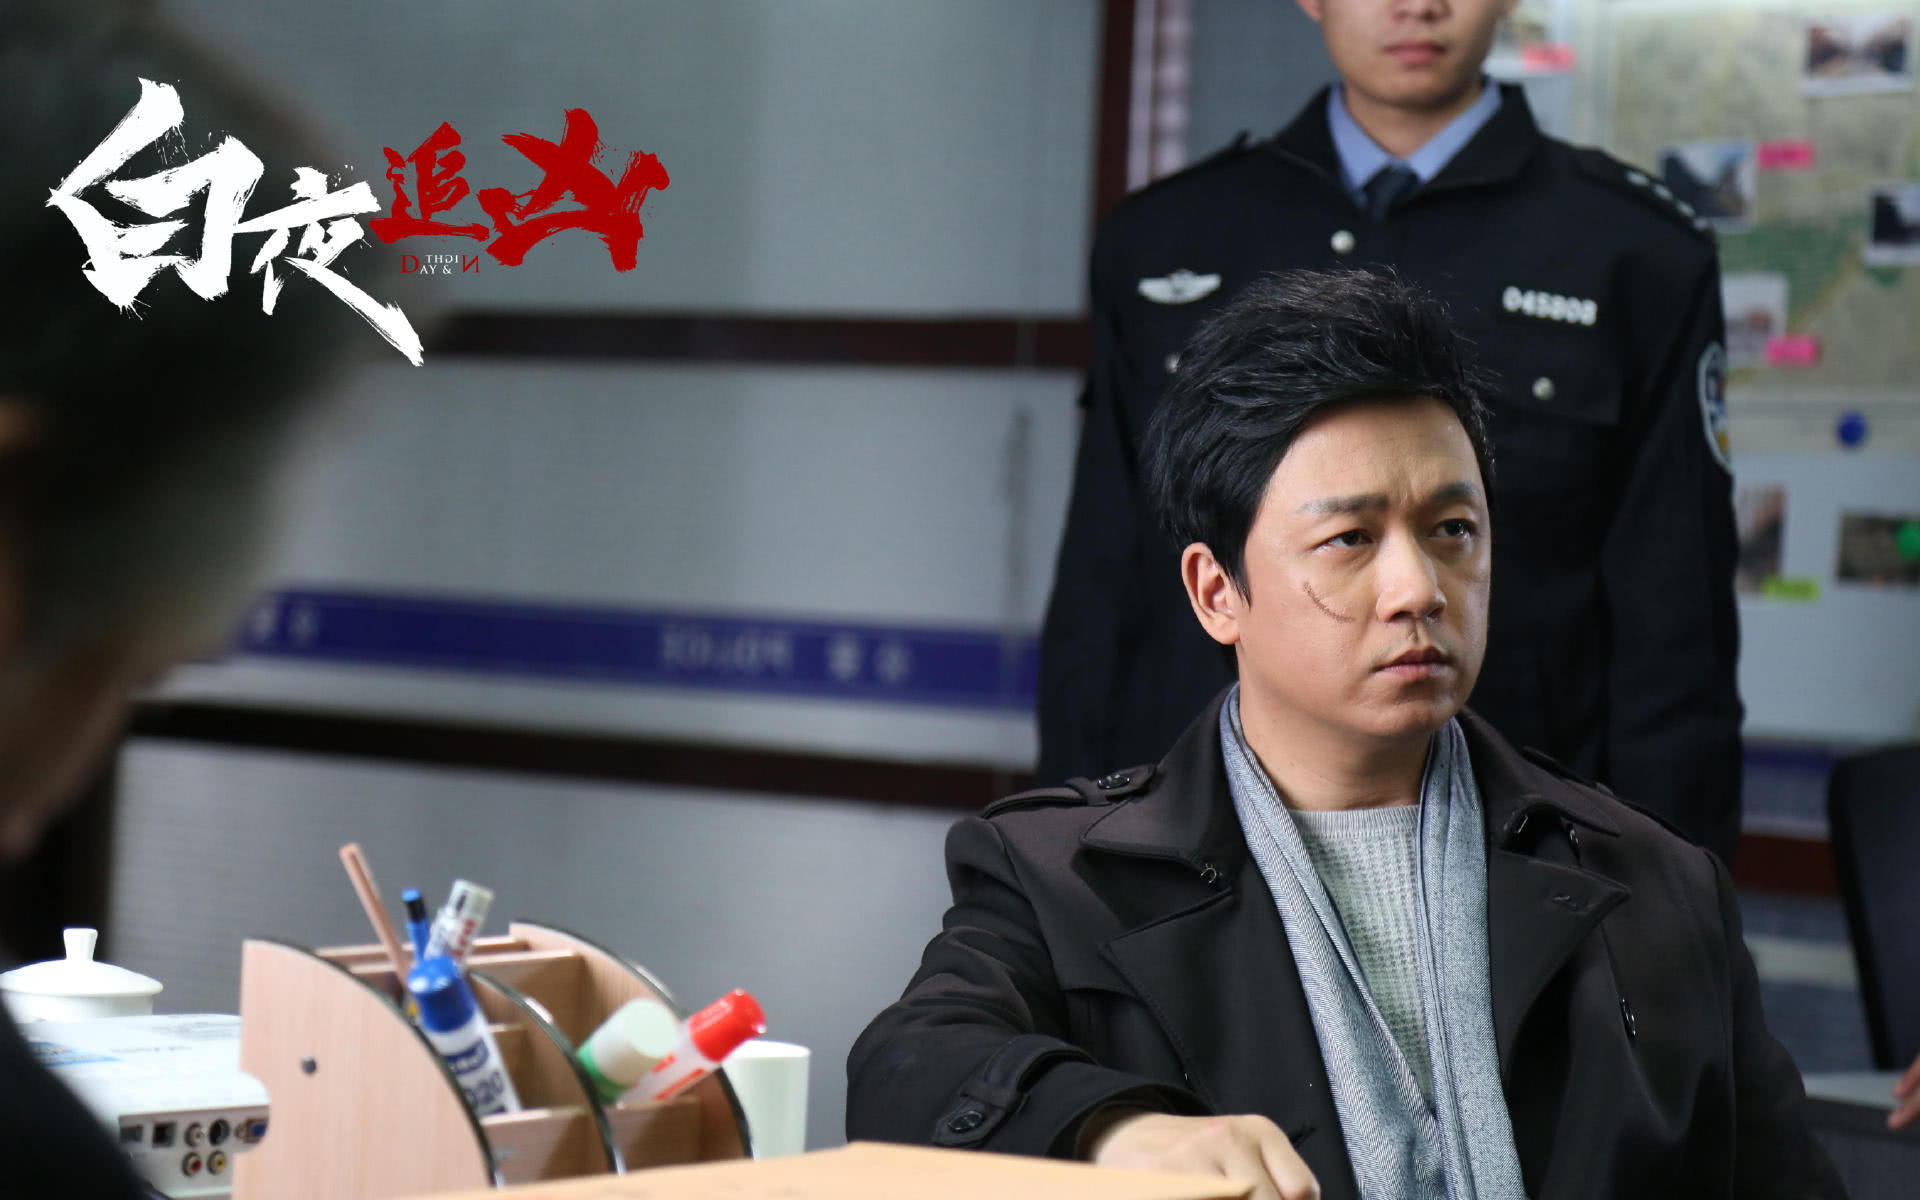 潘粤明:白夜追凶2下半年开拍 有望回归唐人街探案3